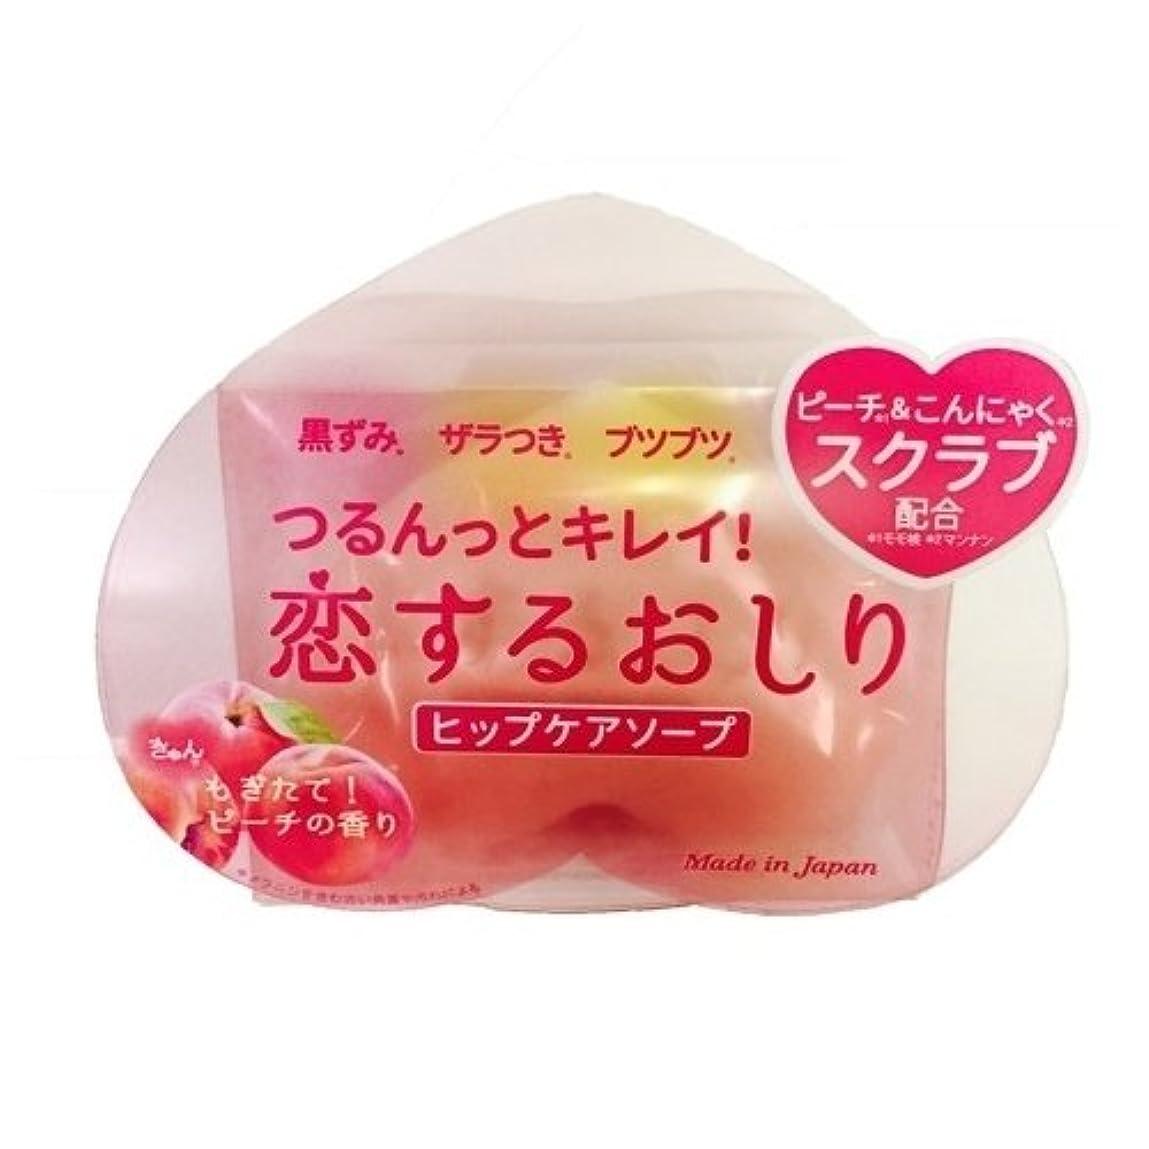 スクラップ刑務所ダイヤルペリカン石鹸 恋するおしり ヒップケアソープ 80g